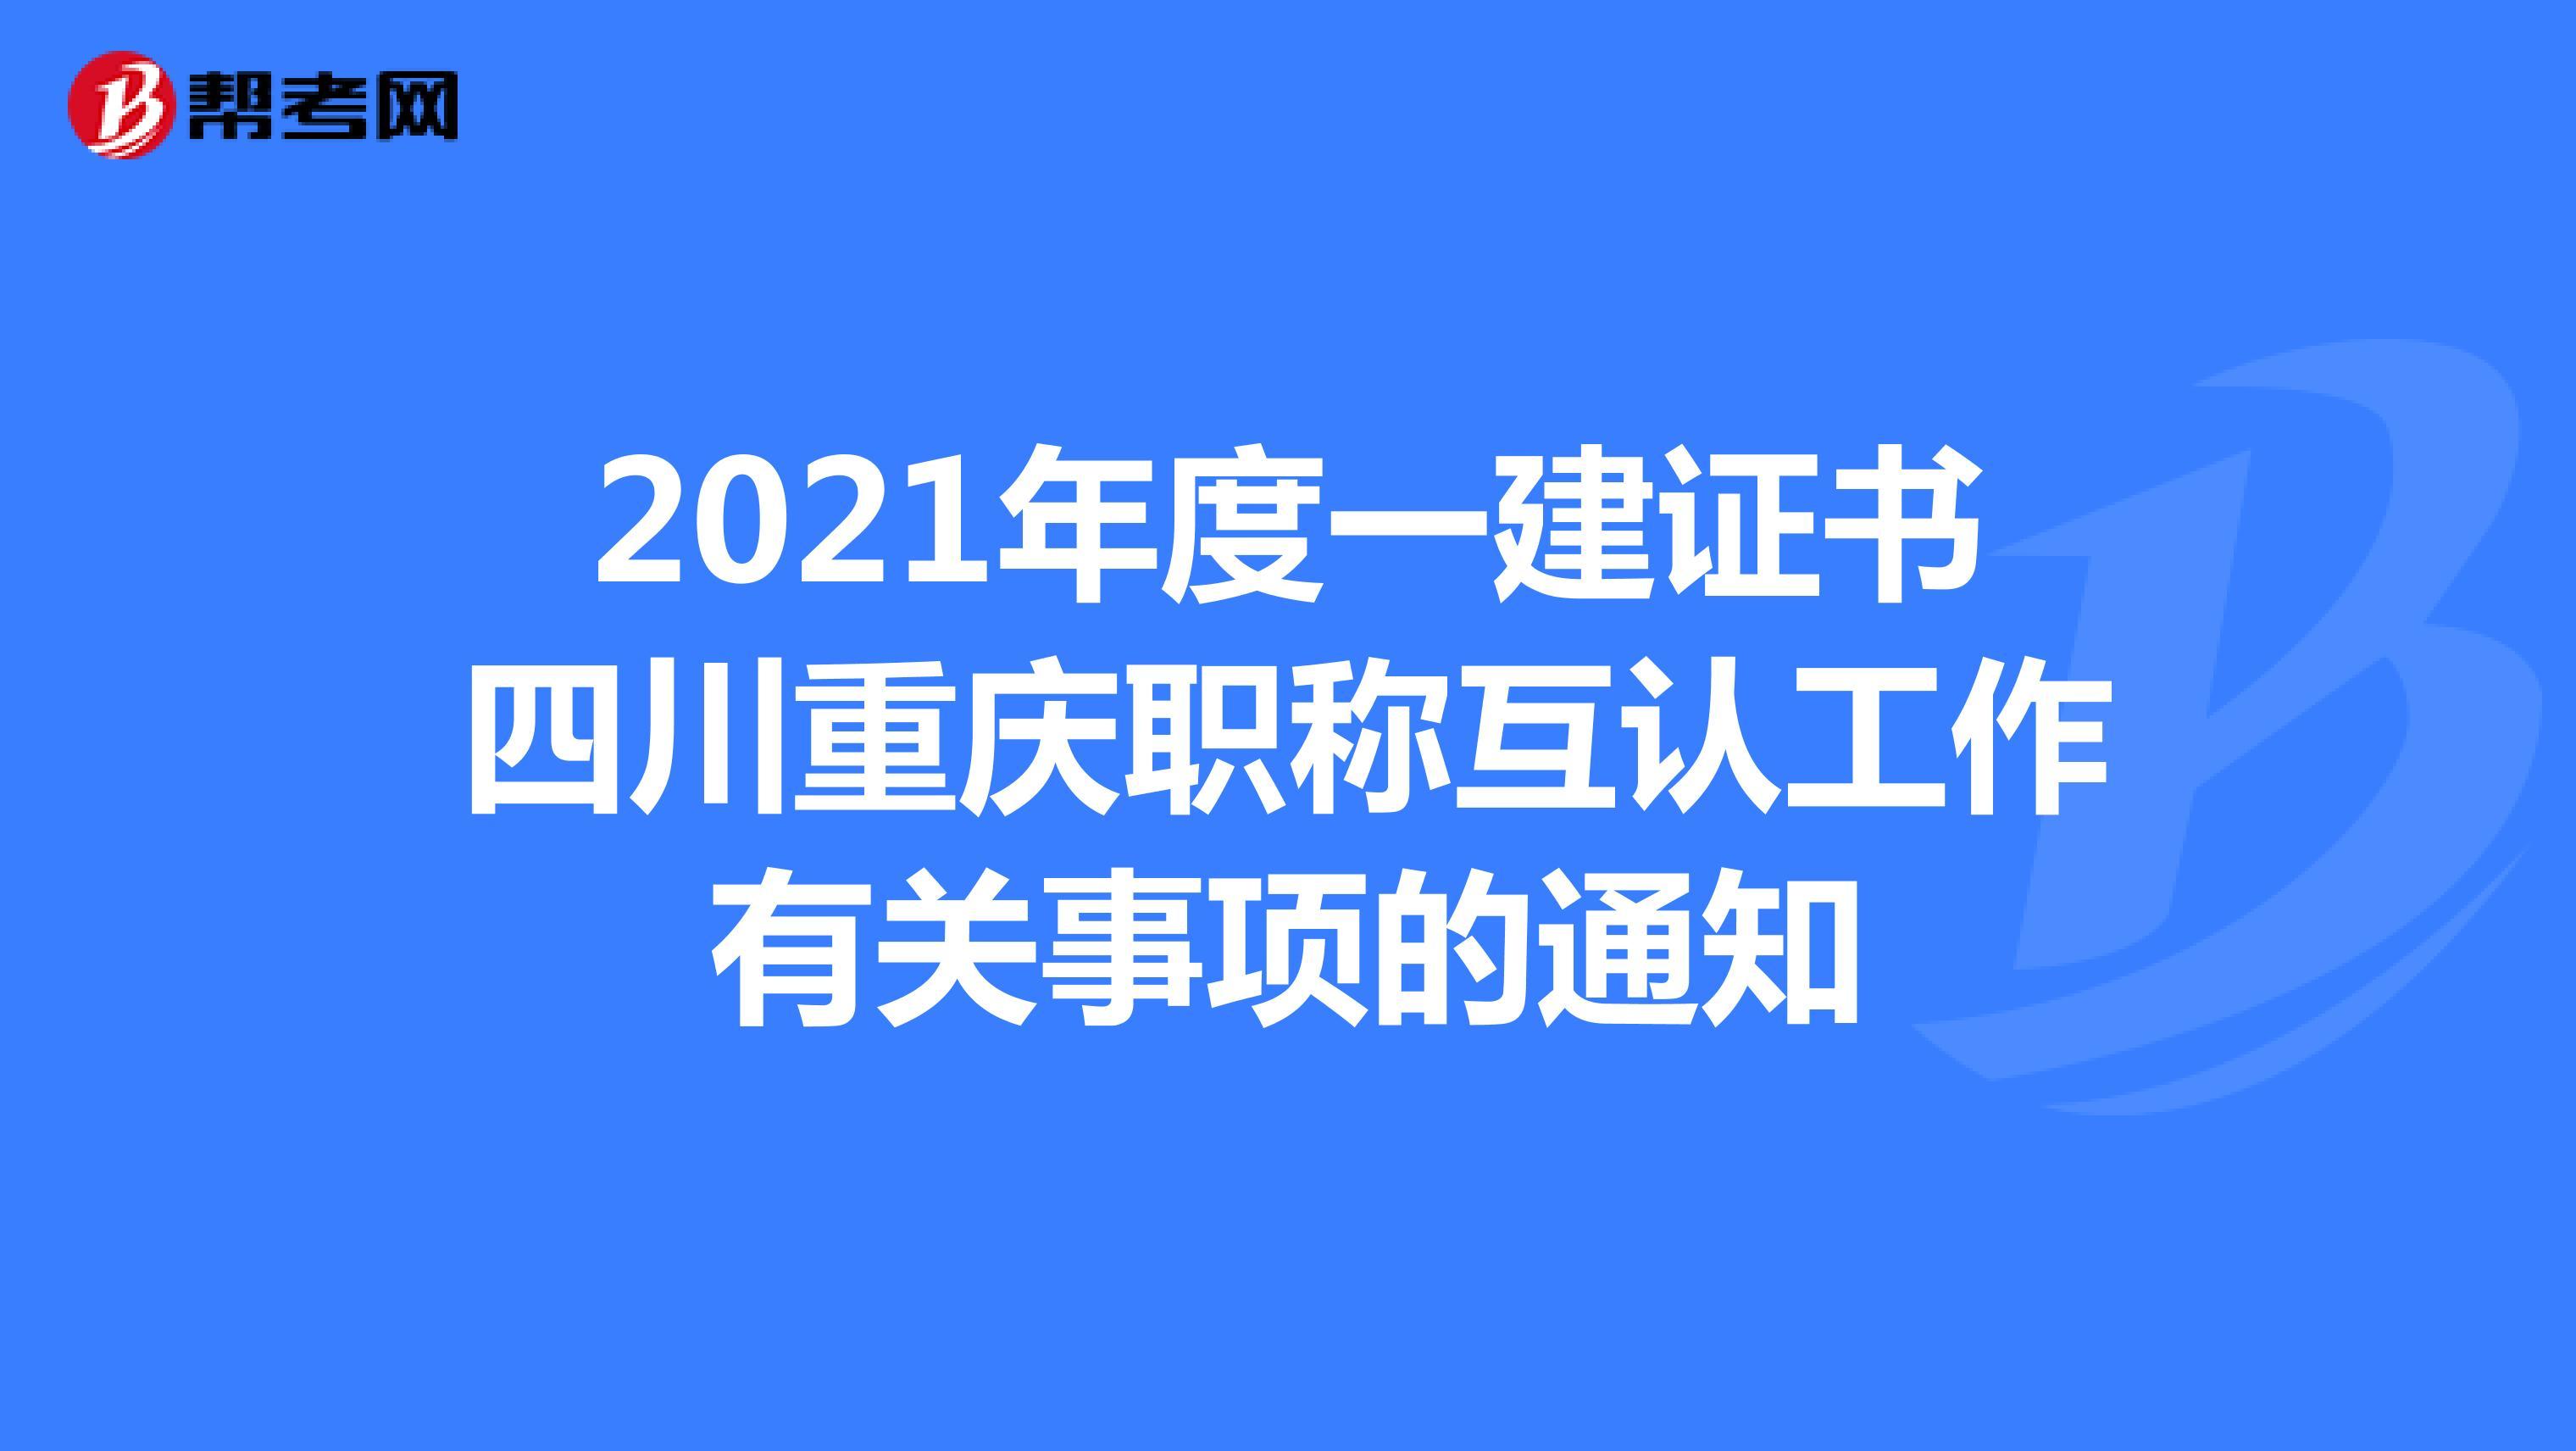 2021年度一建证书四川重庆职称互认工作有关事项的通知